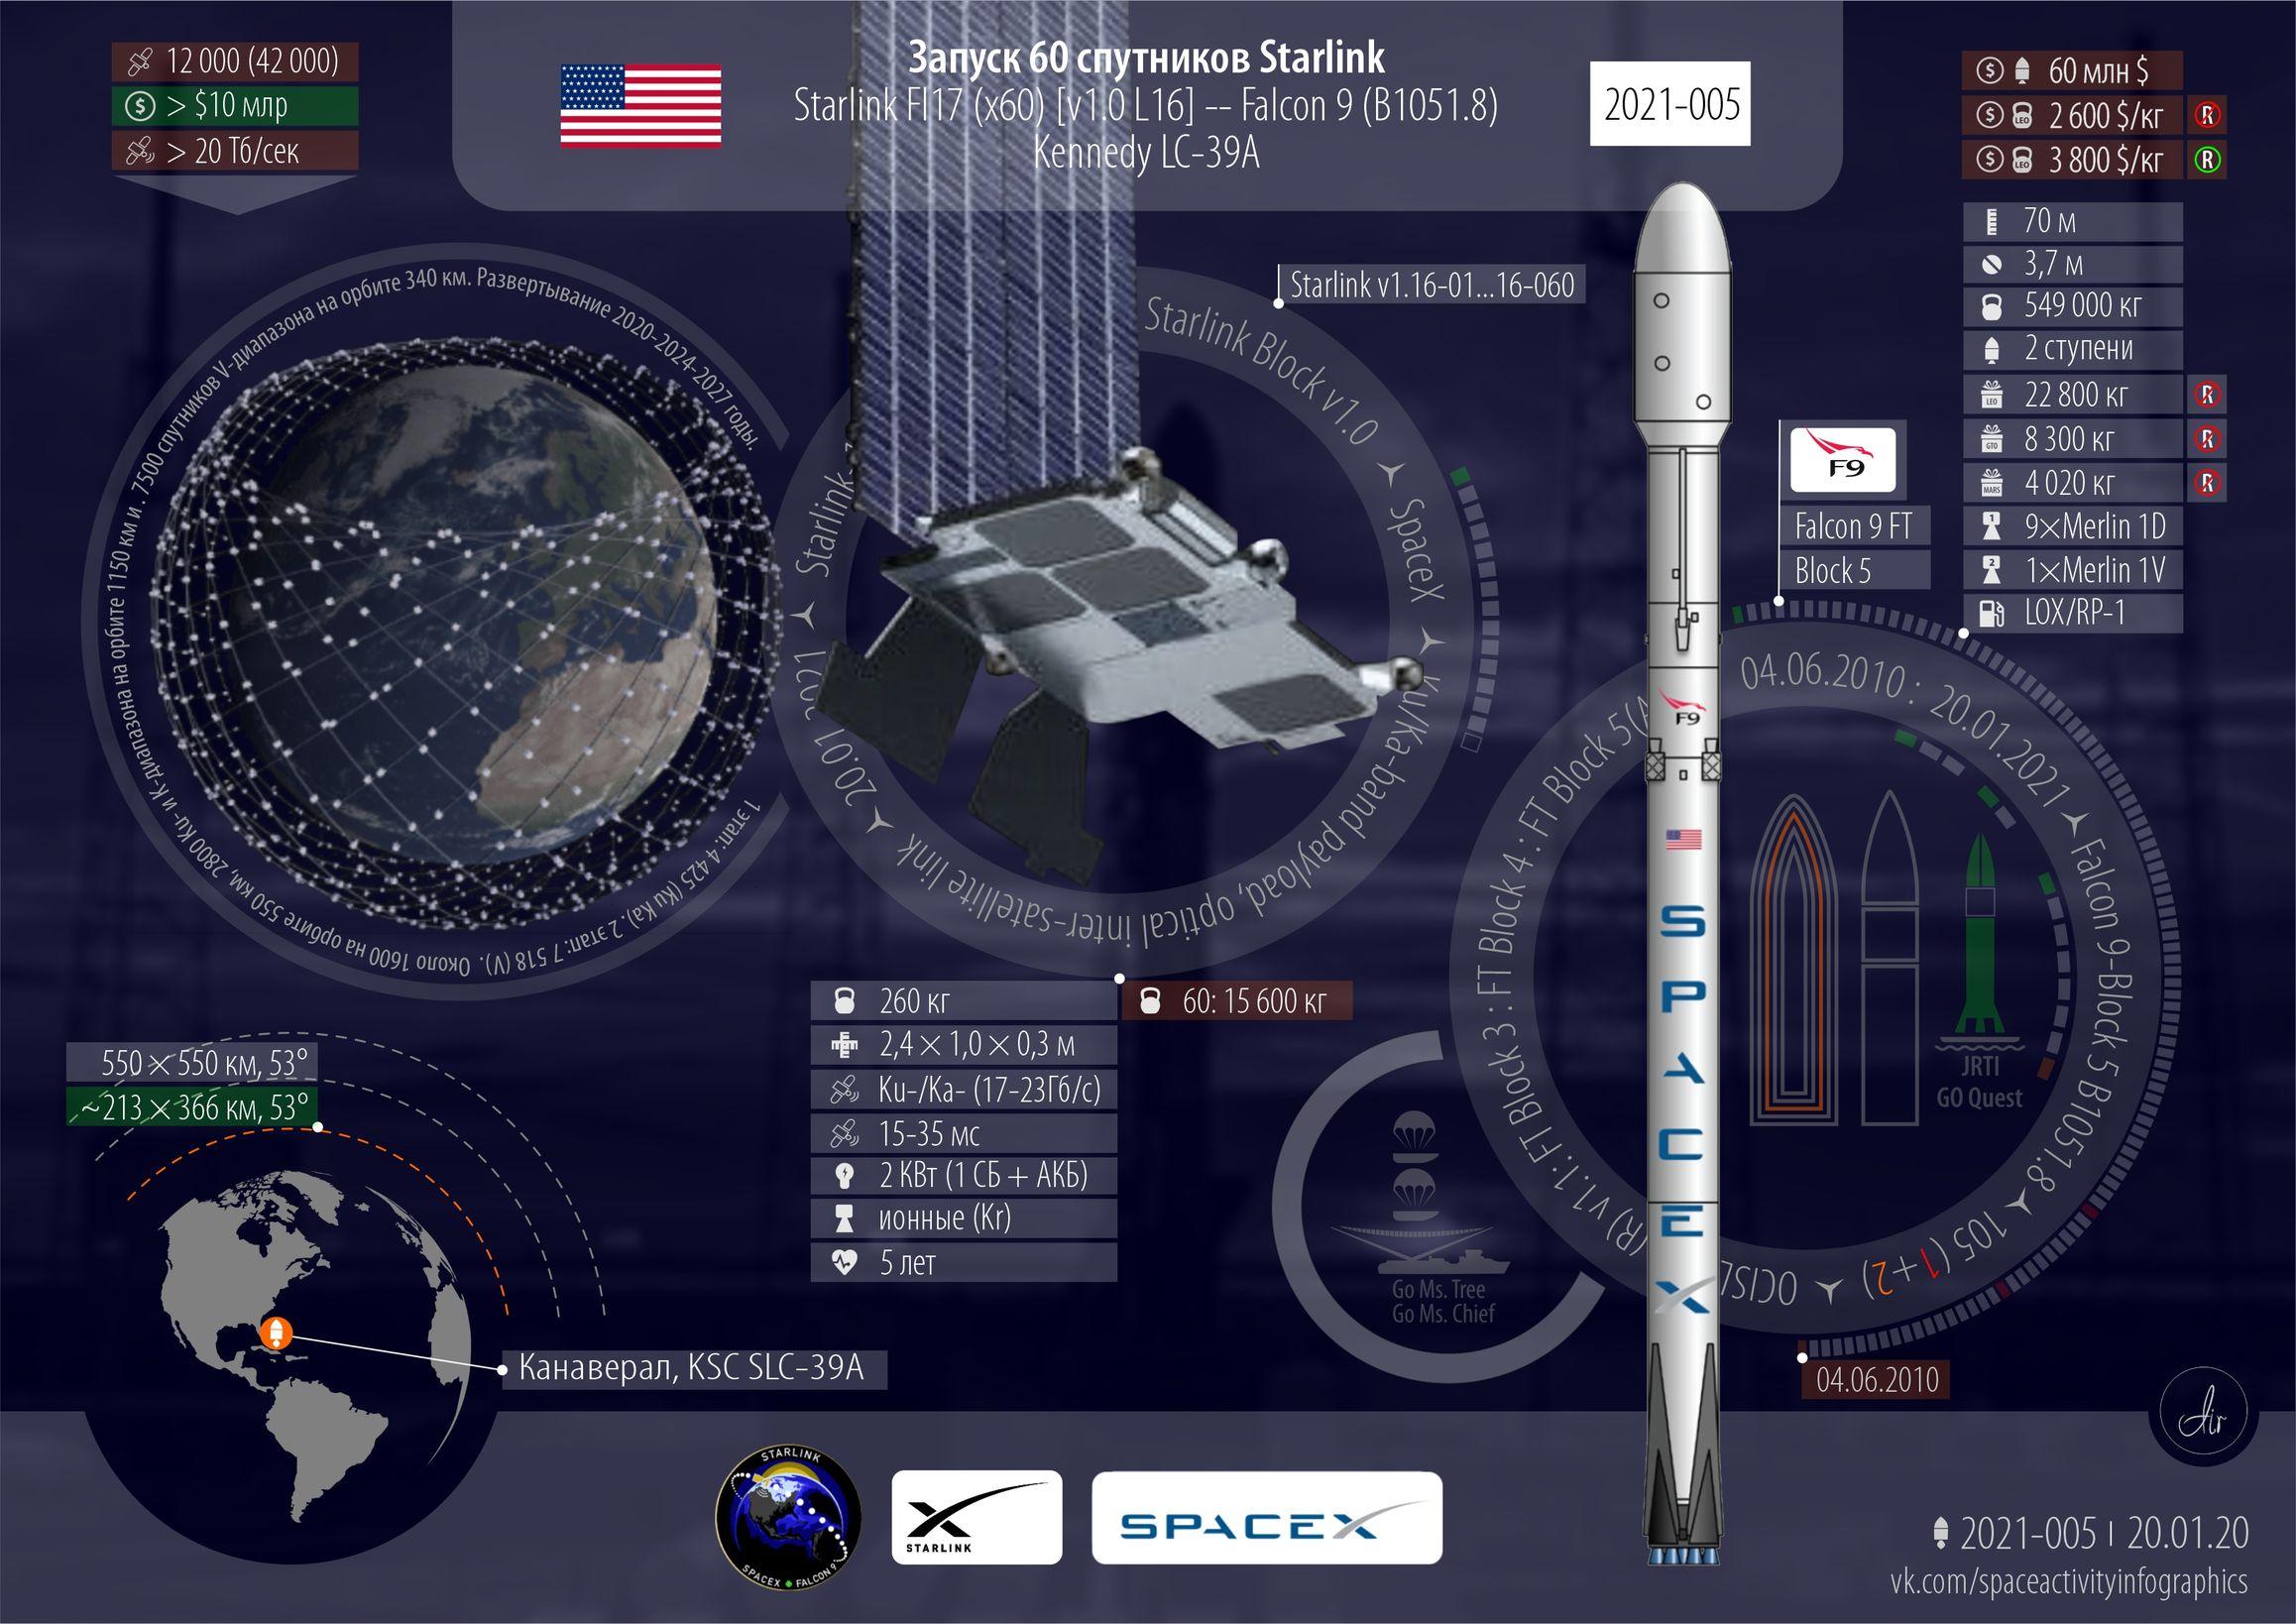 Инфографика текущего запуска Falcon 9/Starlink.